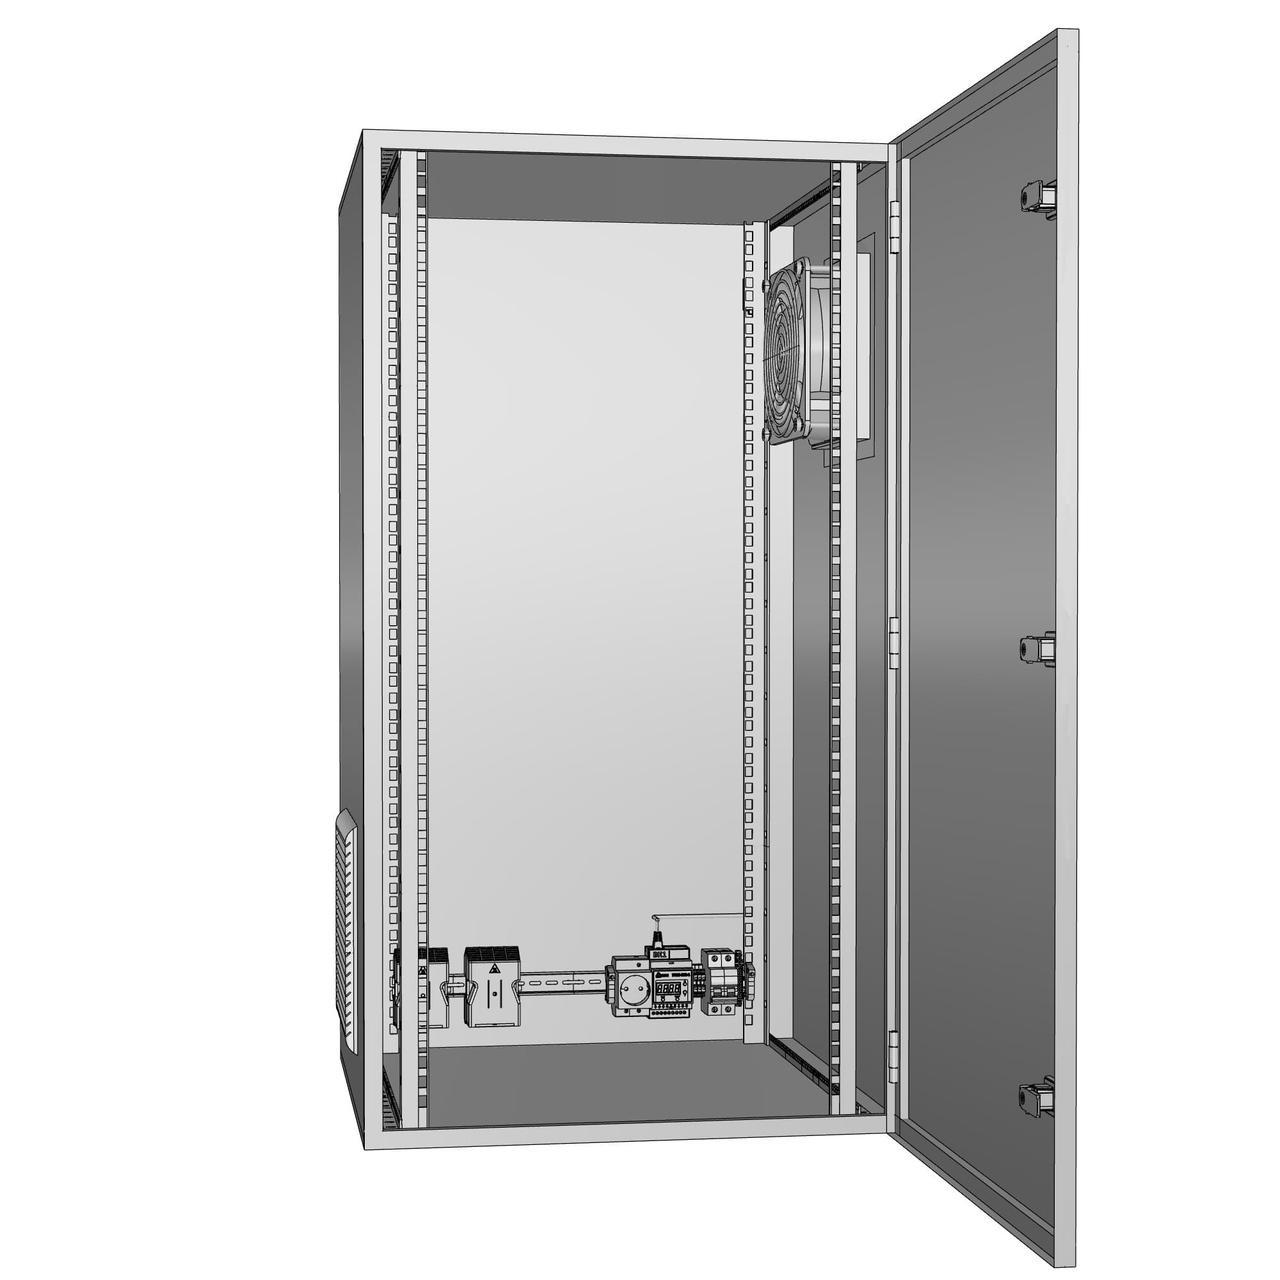 Щит климатический утеплённый с обогревом и вентиляцией ЩКу- ОВ- 03 - 600×400×200 (В×Ш×Г) IP65